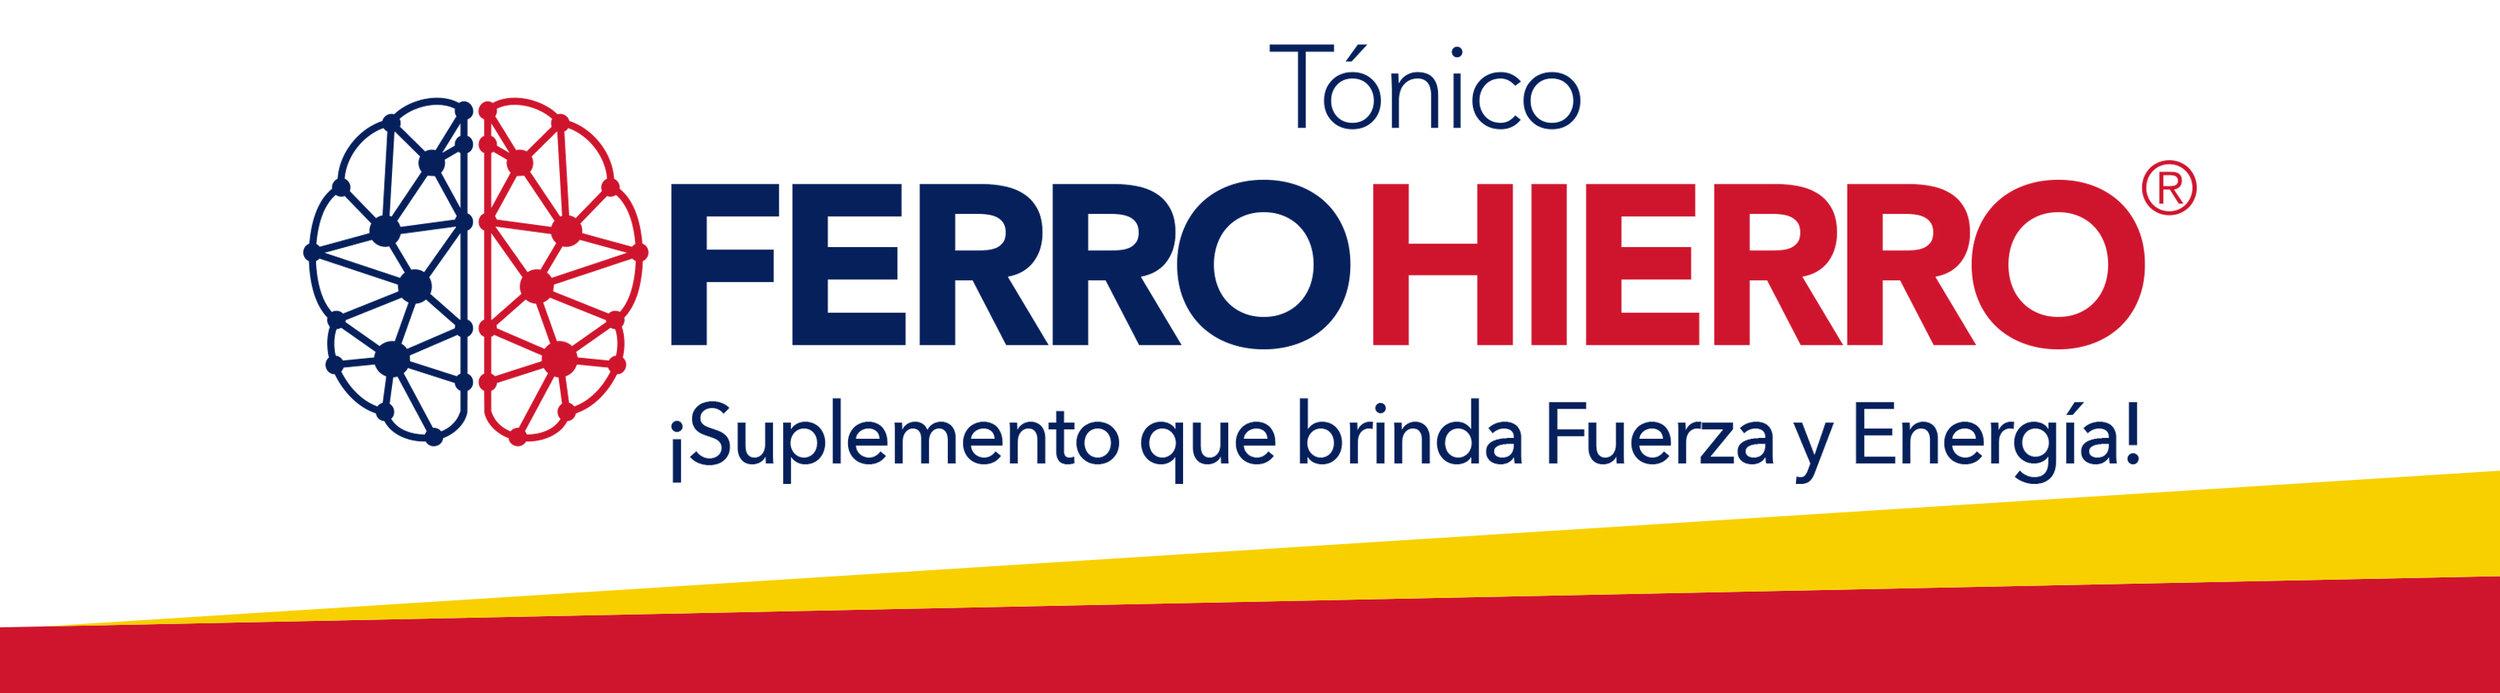 Banner_Línea_OTC_Ferro_Hierro.jpg